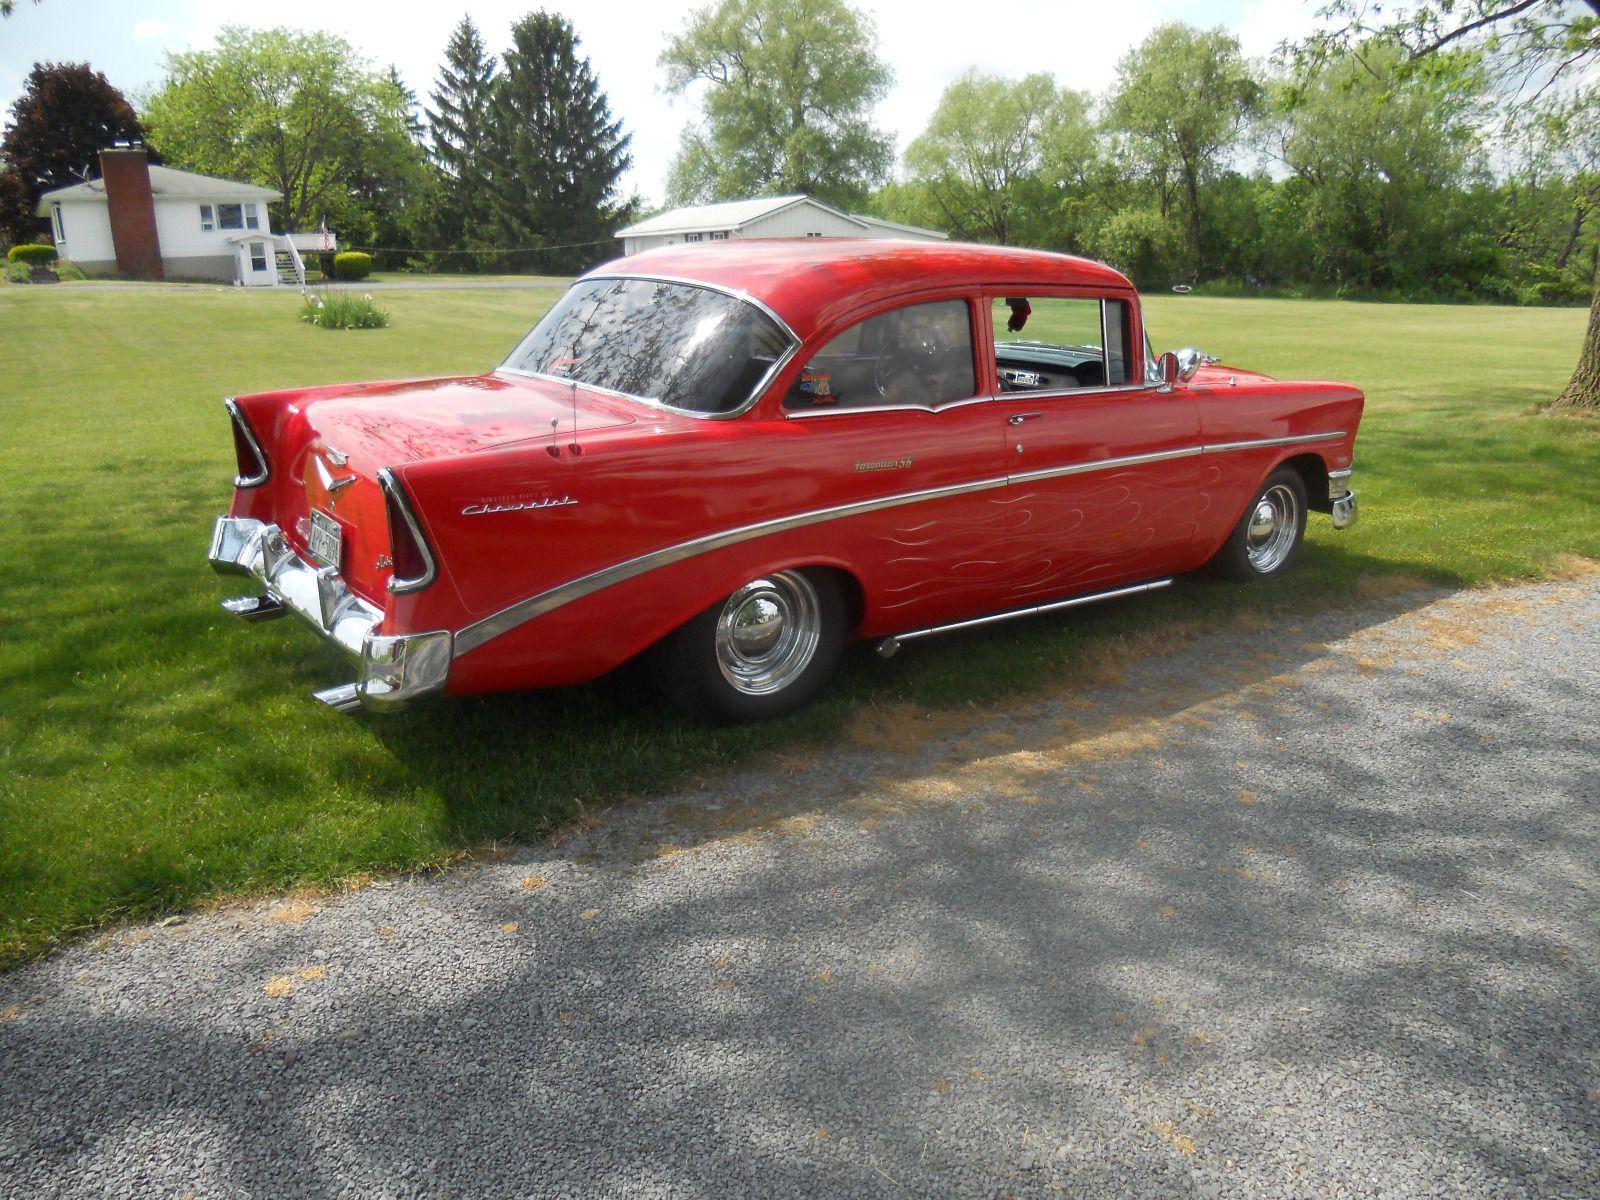 Chevrolet Bel Air 150 210 1956 Chevy 2 Door Hot Rod Project 1957 Hardtop